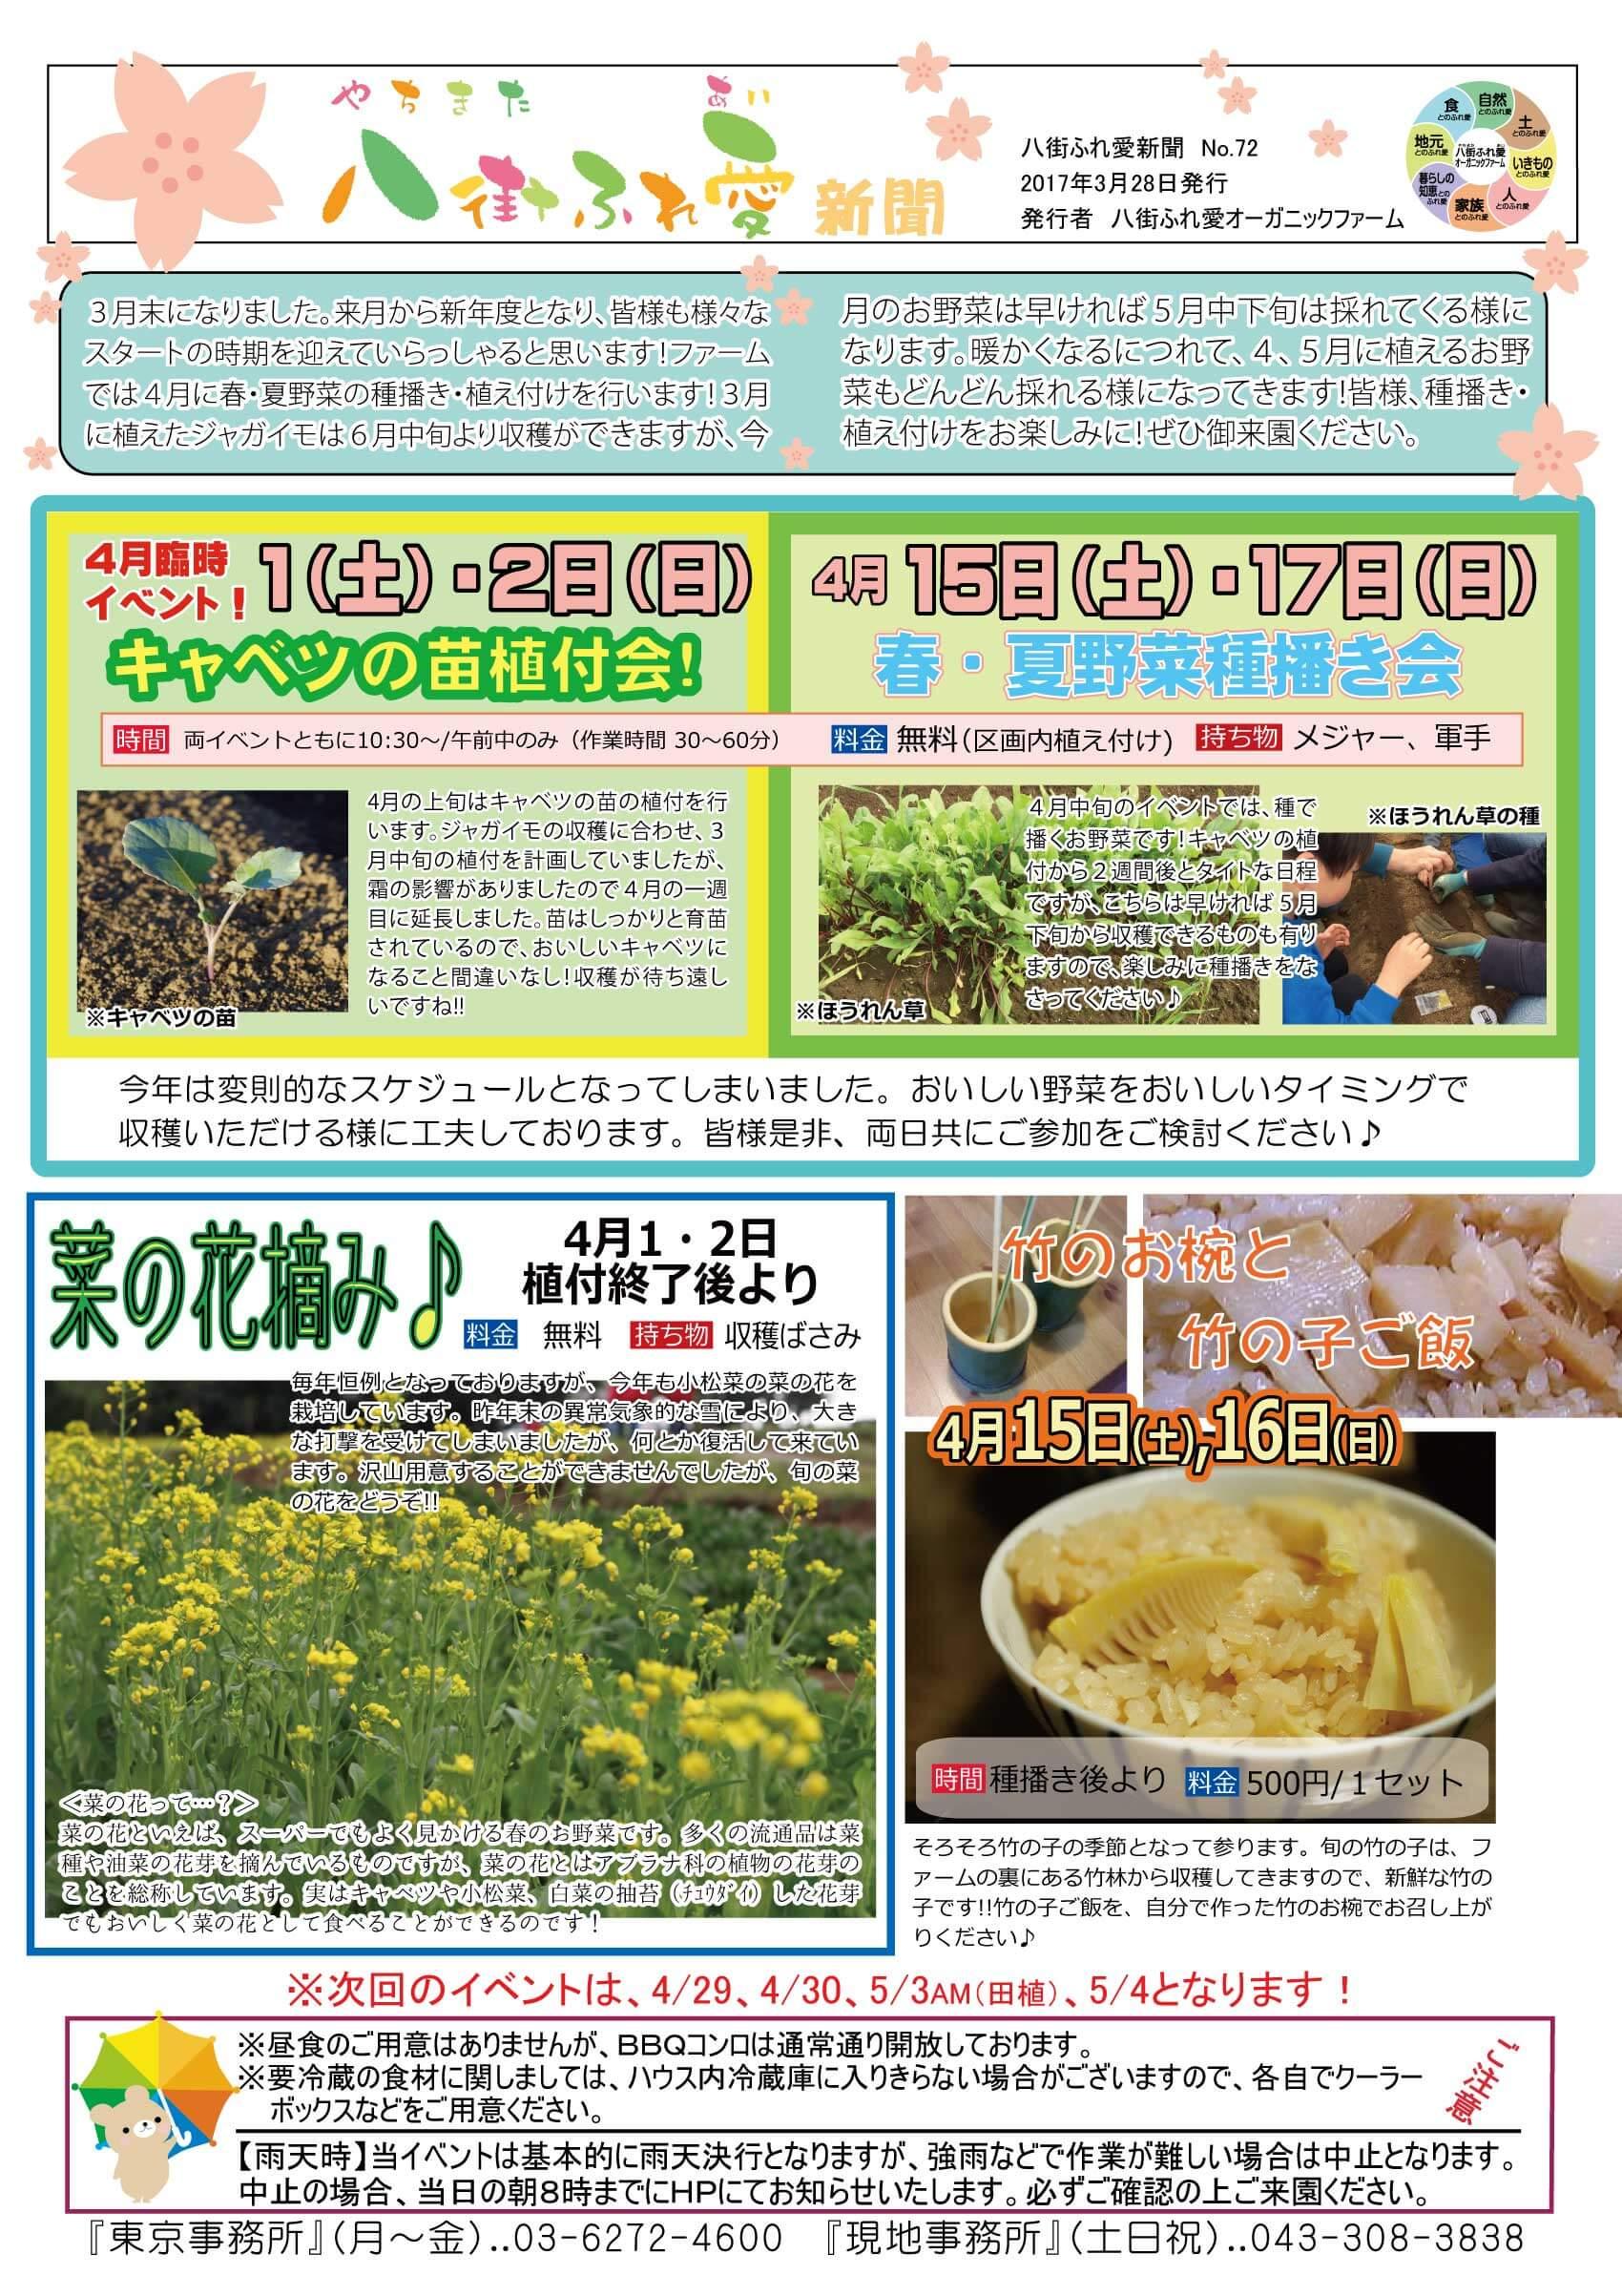 菜の花つみ 竹のお椀と竹の子ご飯